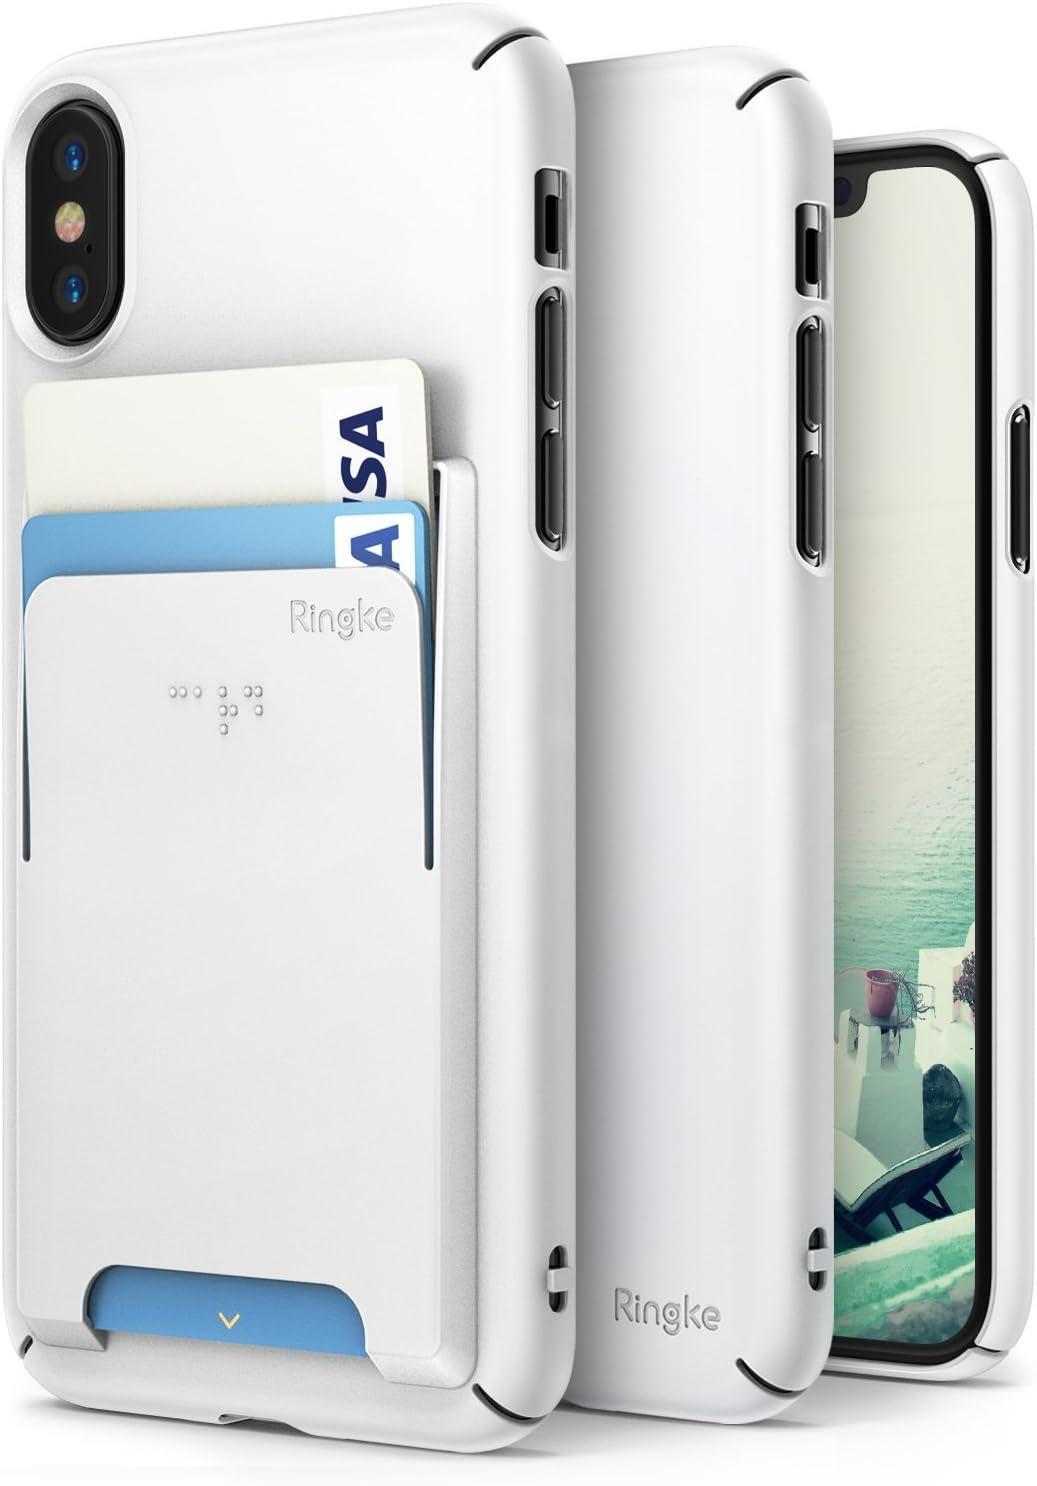 Ringke Funda Apple iPhone X [Slim] [Kit de Accesorios Avanzado] [Ranura de Tarjeta de Cartera Conector] Precise Contour Ligero y con Clase Cubierta de Moda Conjunto para iPhone 10: Amazon.es: Electrónica